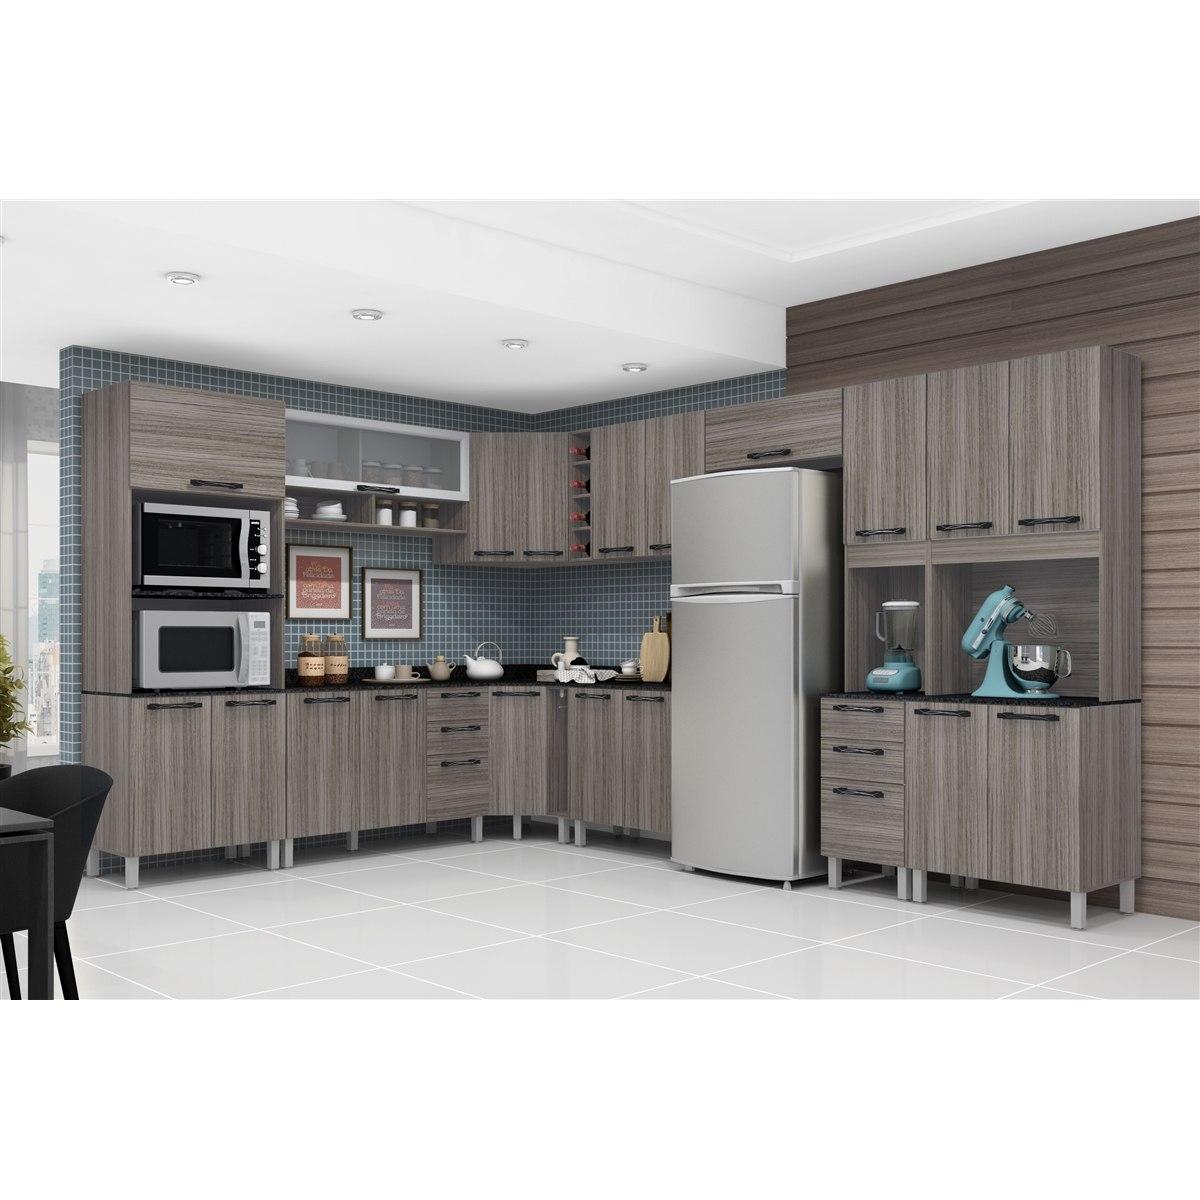 Jogo Cozinha Modulada Completa 12 Pe As Inovare Poliman R 2 190